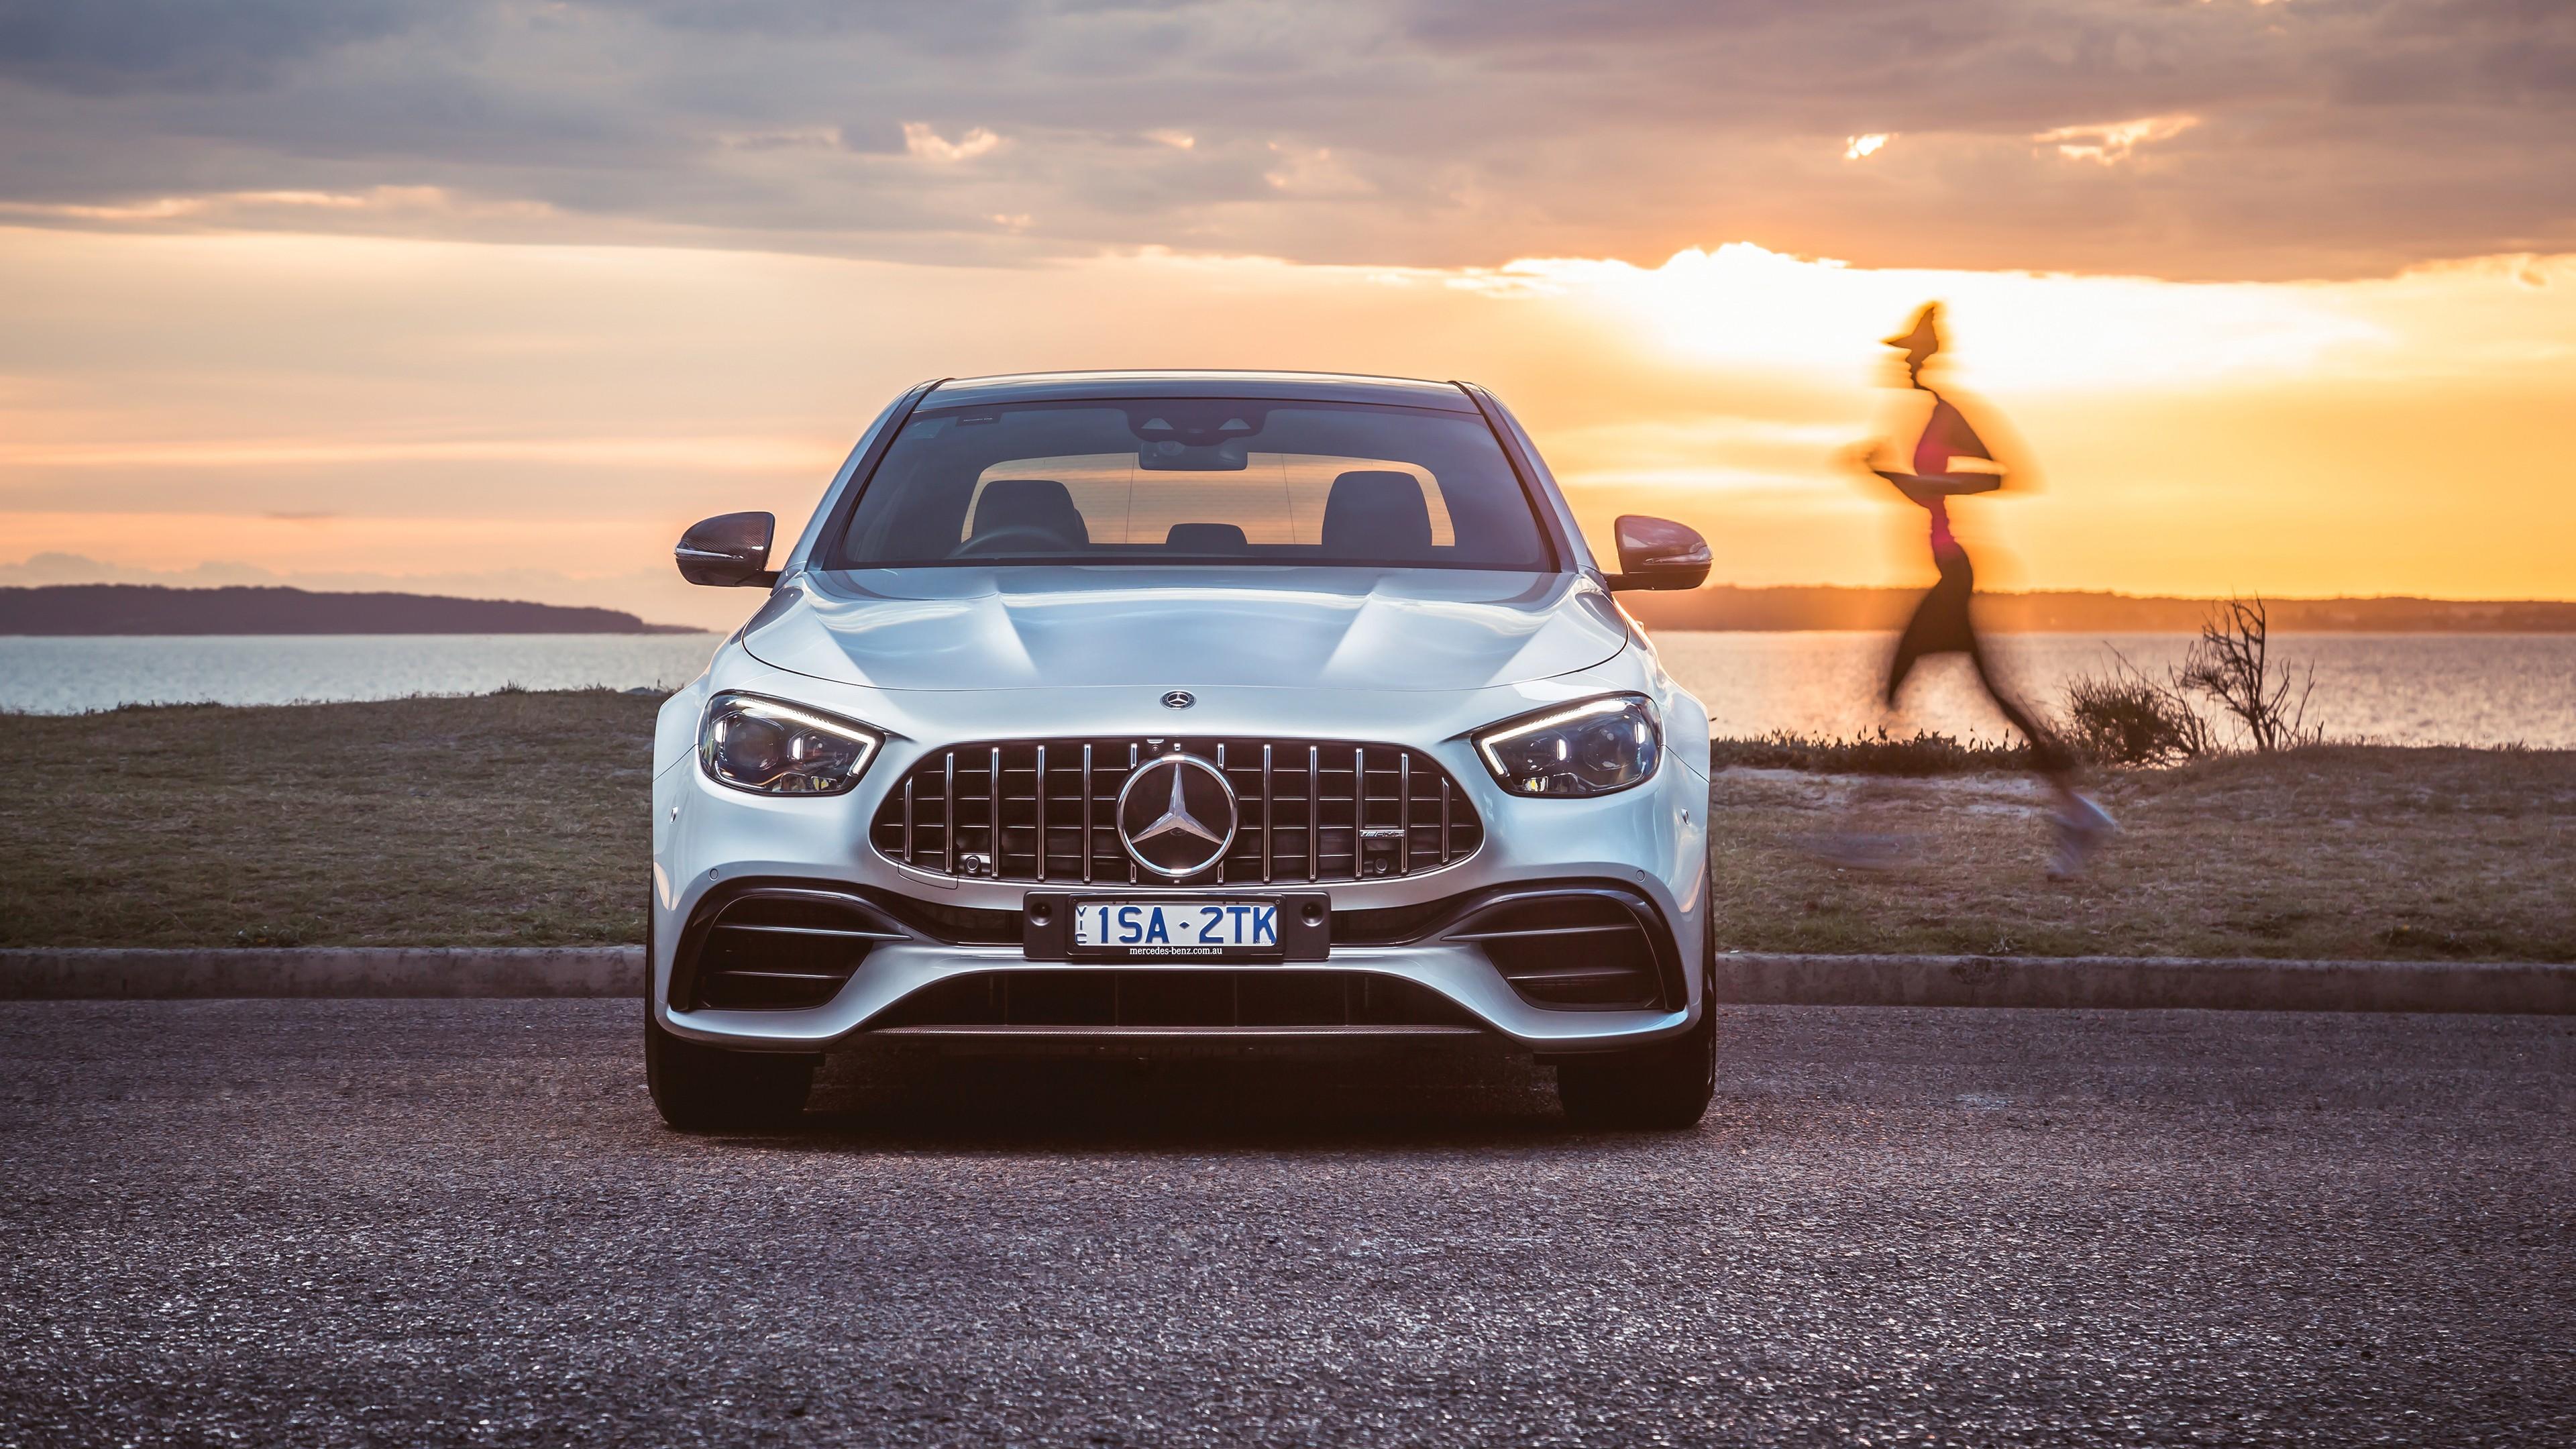 View Mercedes Benz E Class 2021 Wallpaper Images